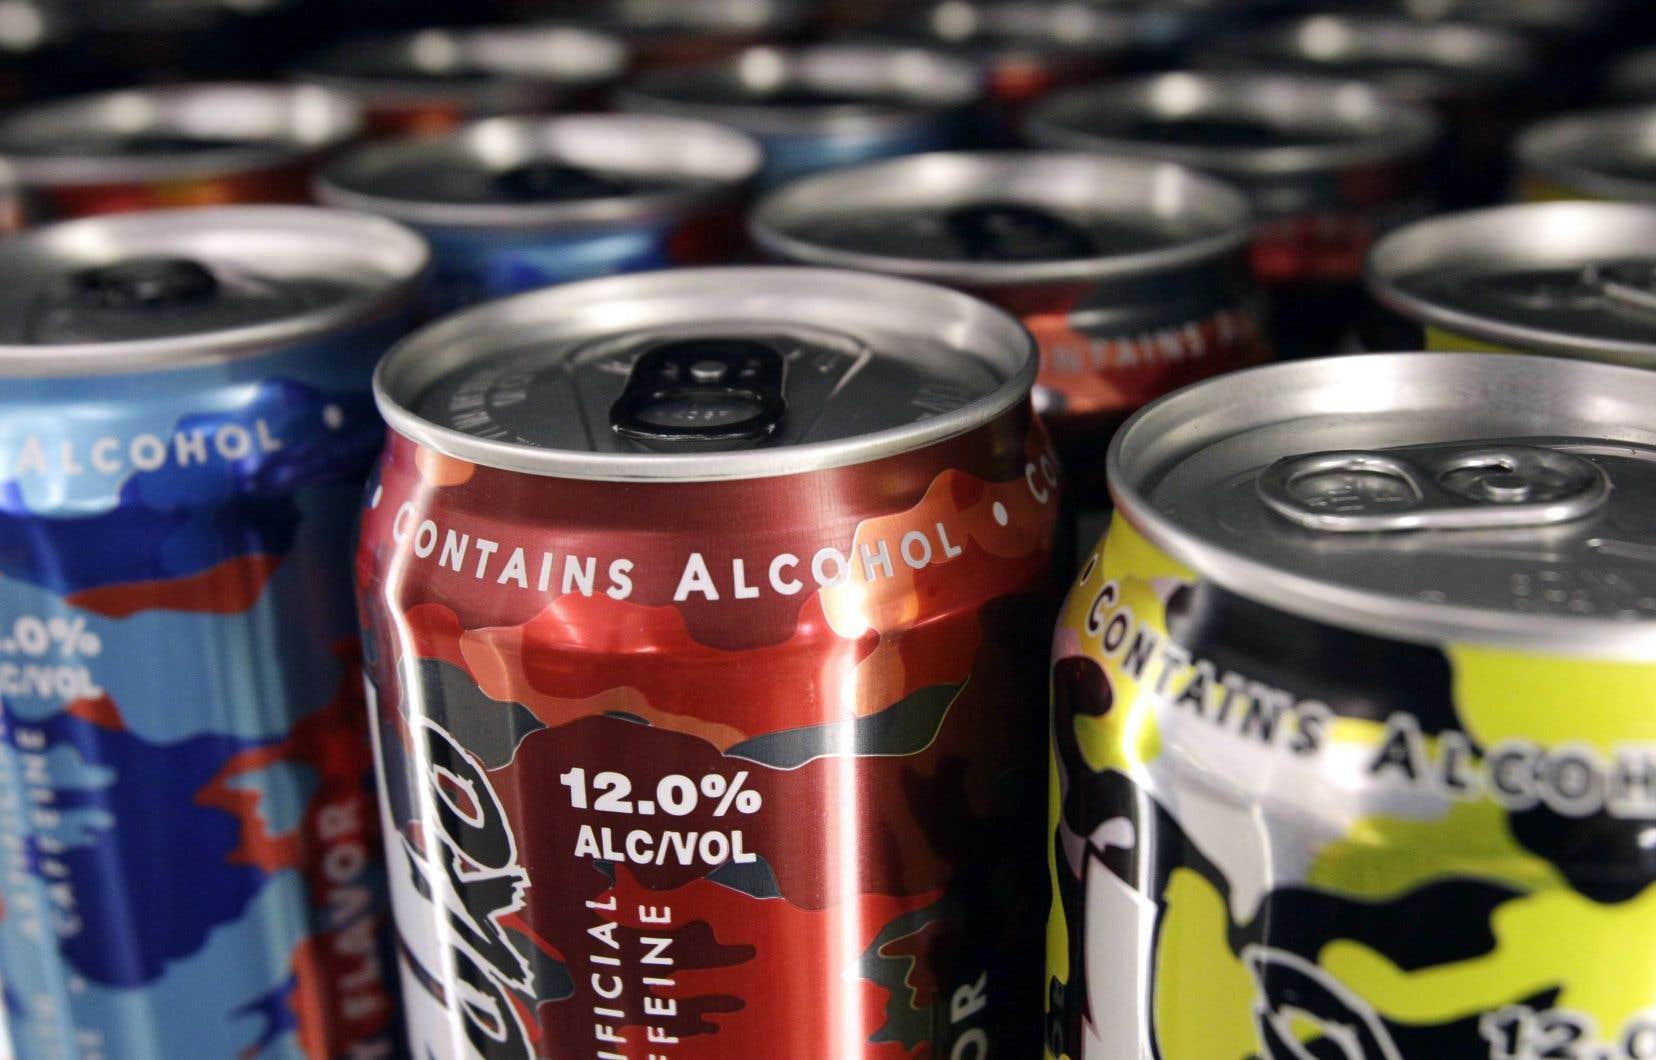 La ministre Charlebois demande aussi aux détaillants qui ne l'ont pas encore fait de retirer de leurs rayons les boissons alcoolisées sucrées.